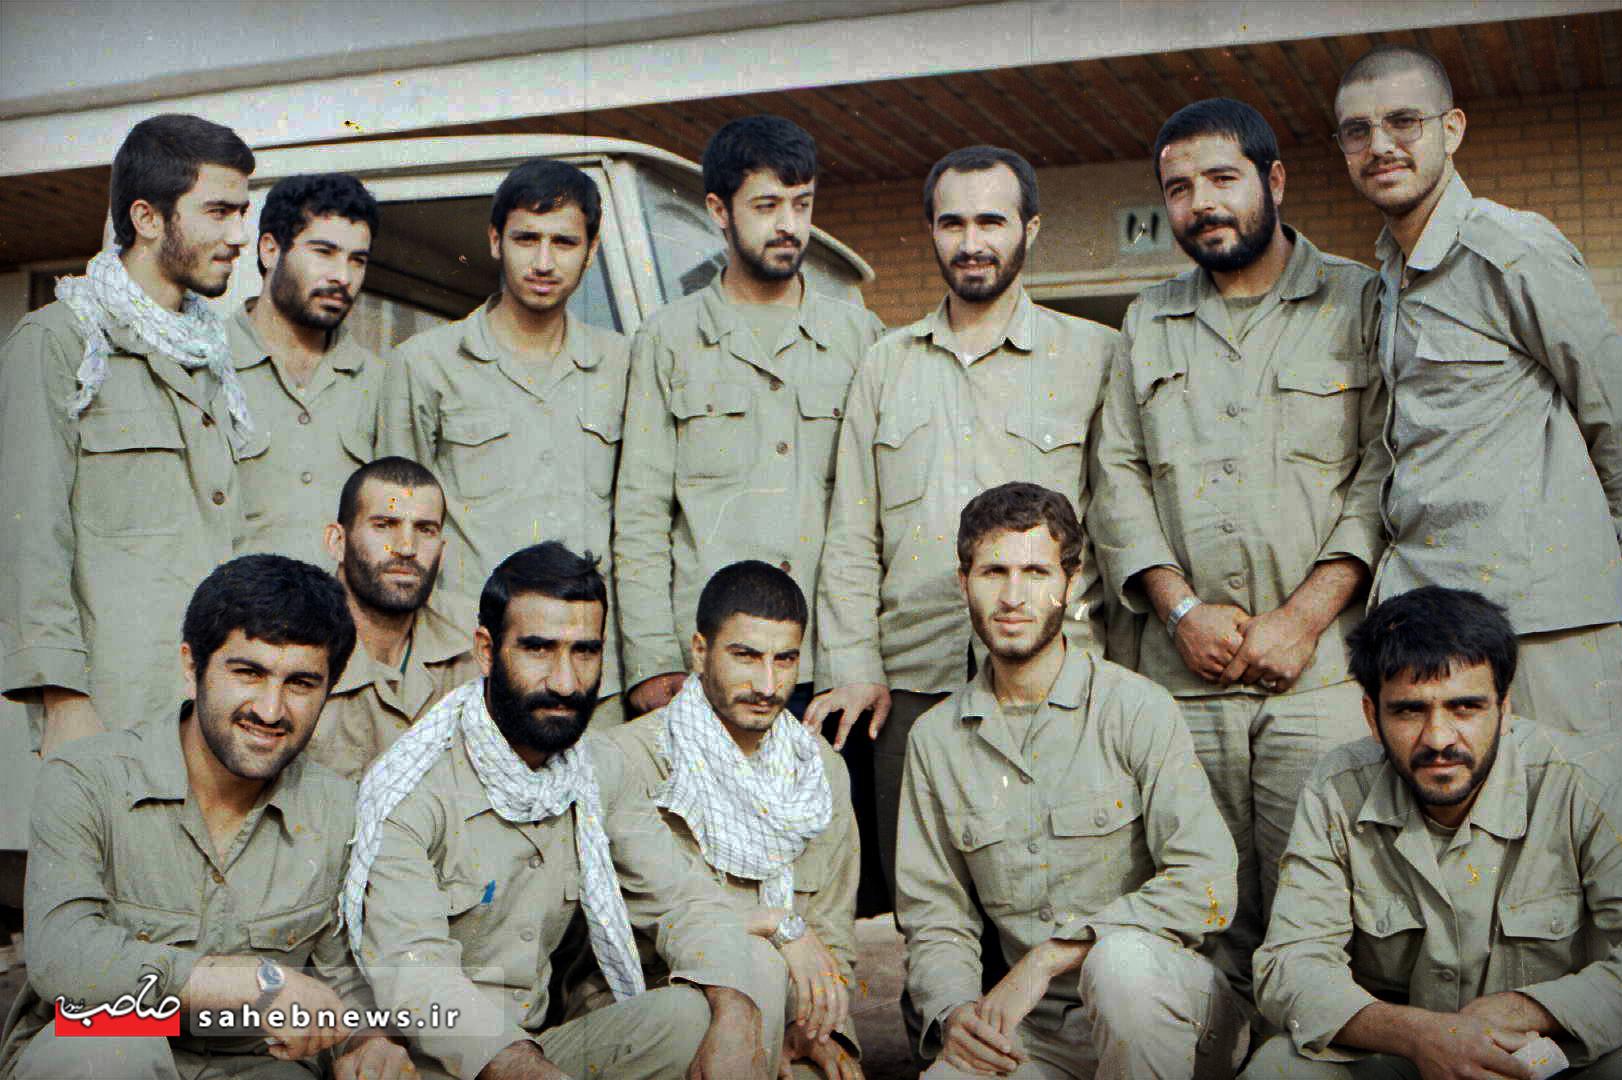 شهید حسین خرازی (6)